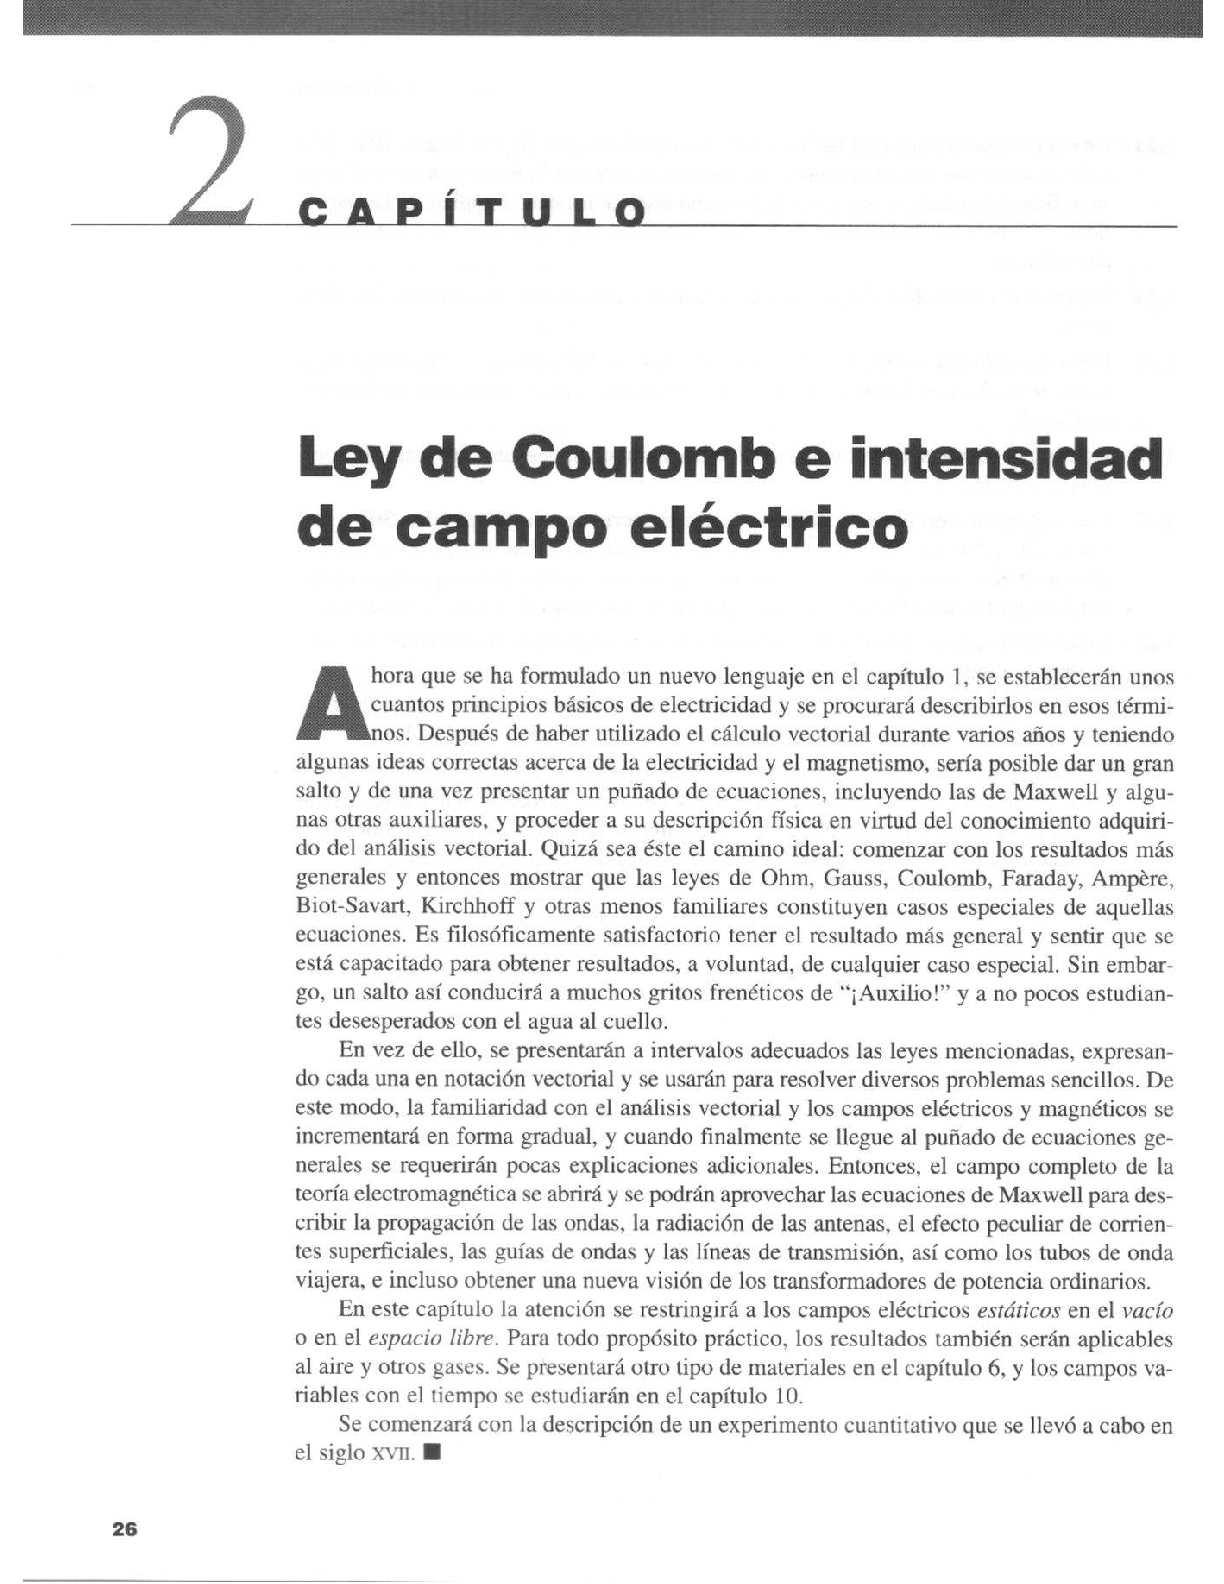 CAP2 LEY DE COULOMB